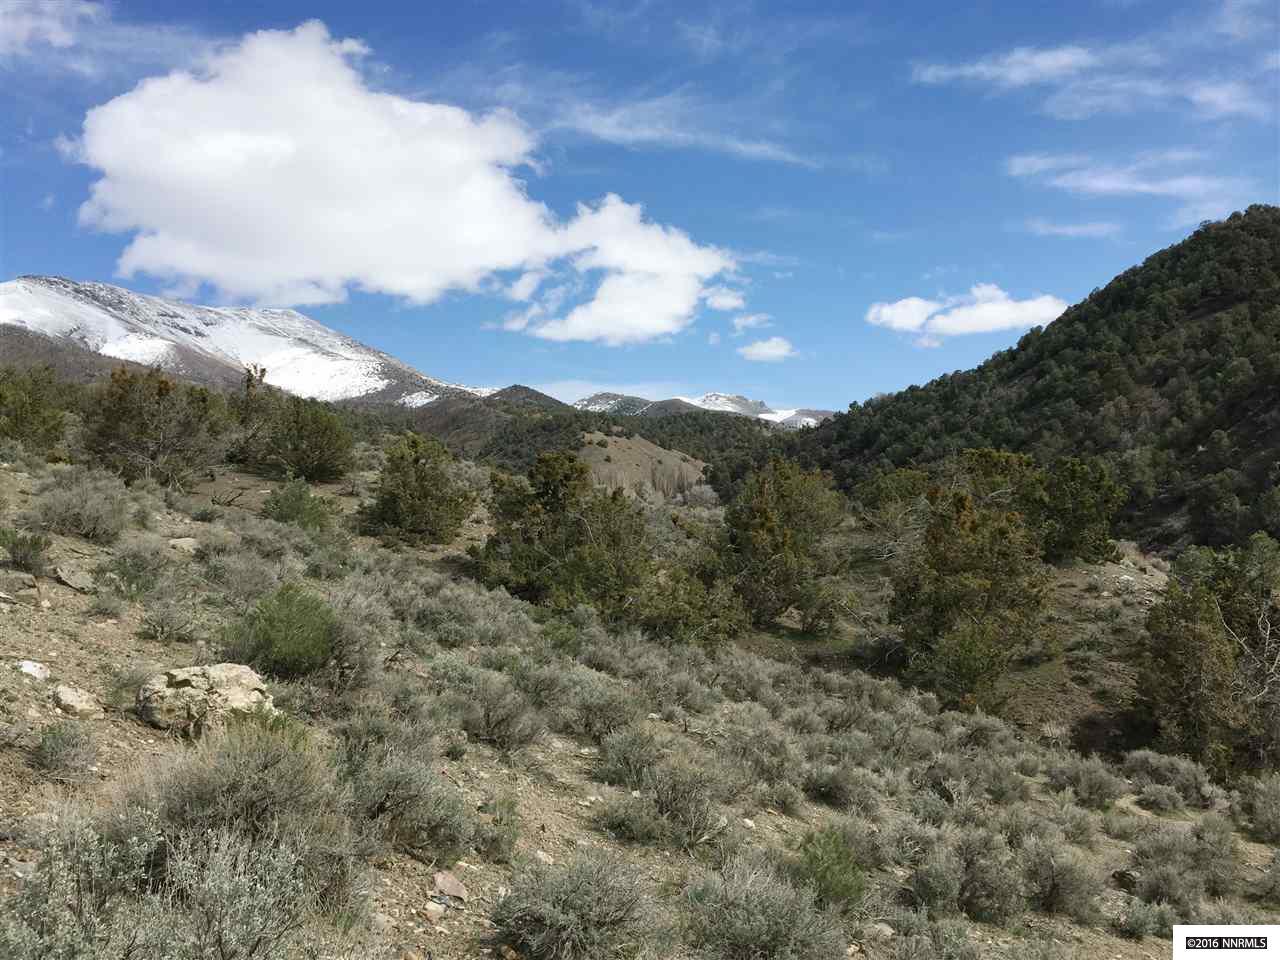 Image for APN 007-700-02, Battle Mountain, NV 89820